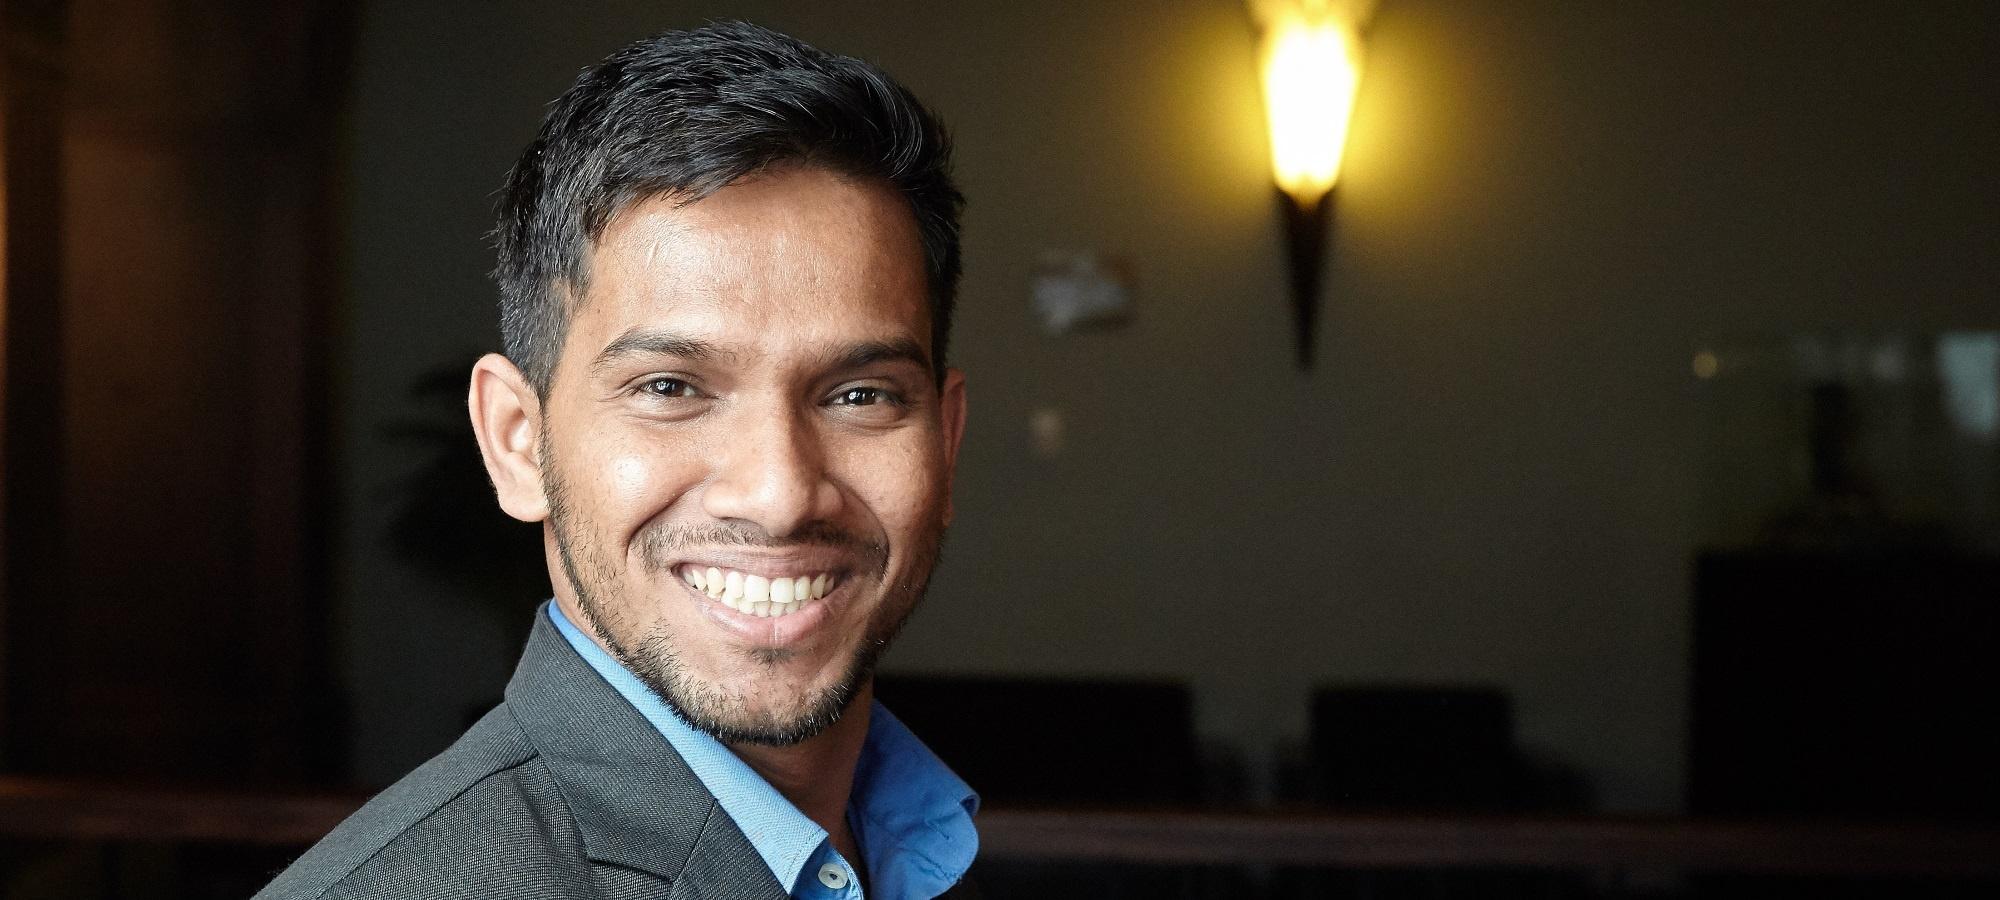 Snehanshu Bhaisare, Senior Cloud Consultant, Equinox IT Auckland